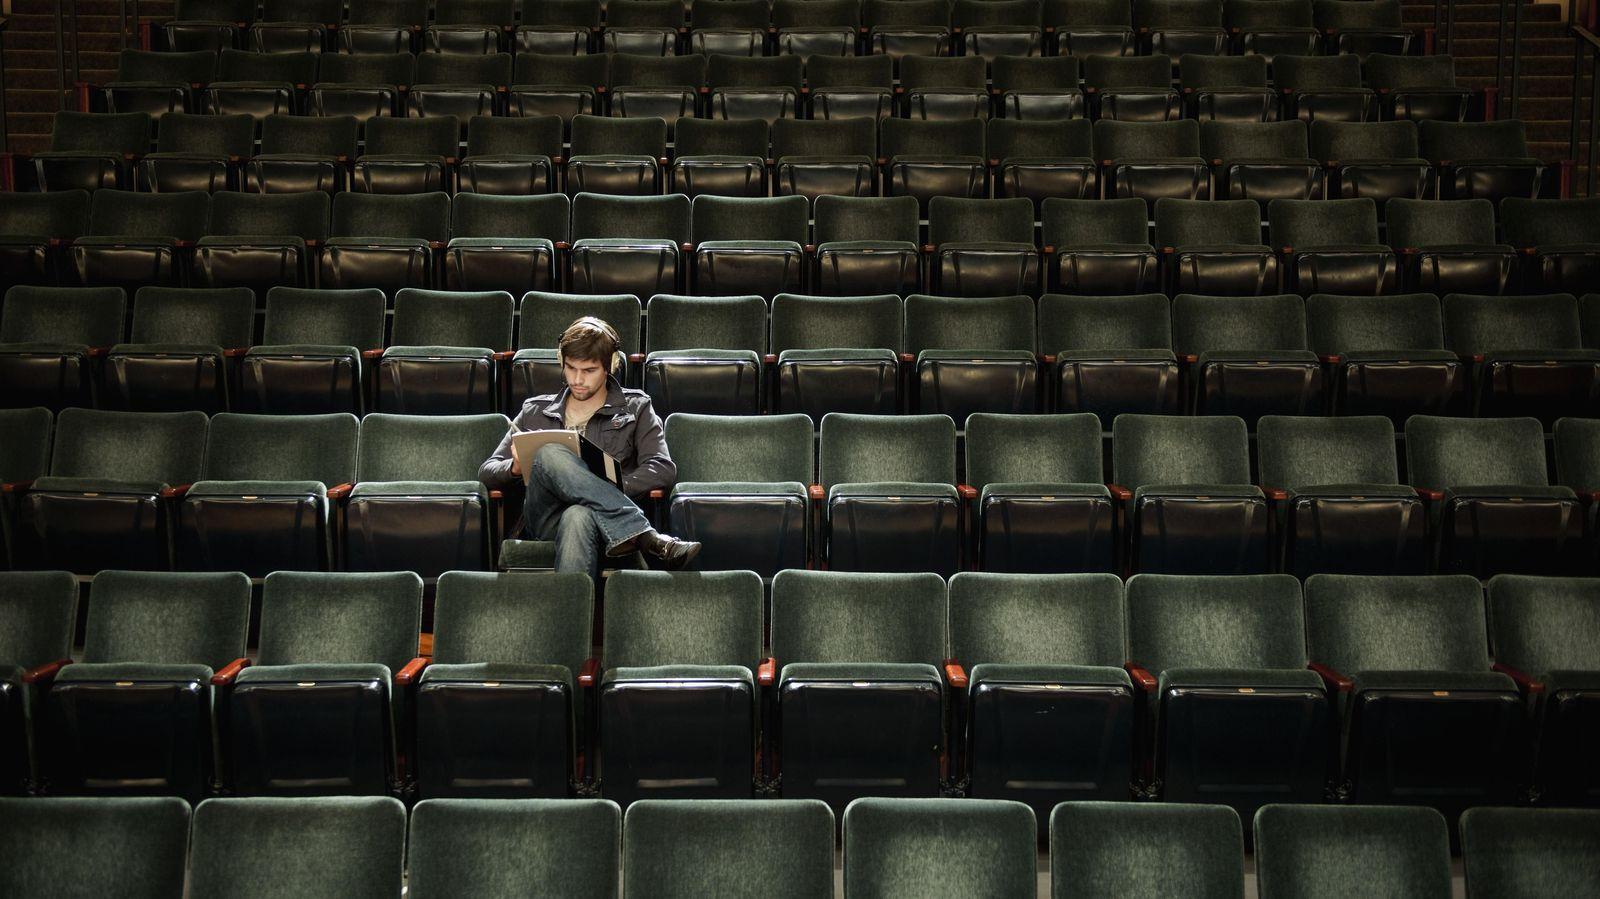 Foto: Es fácil infiltrarse en las universidades de élite, si sabes cómo. (Corbis)